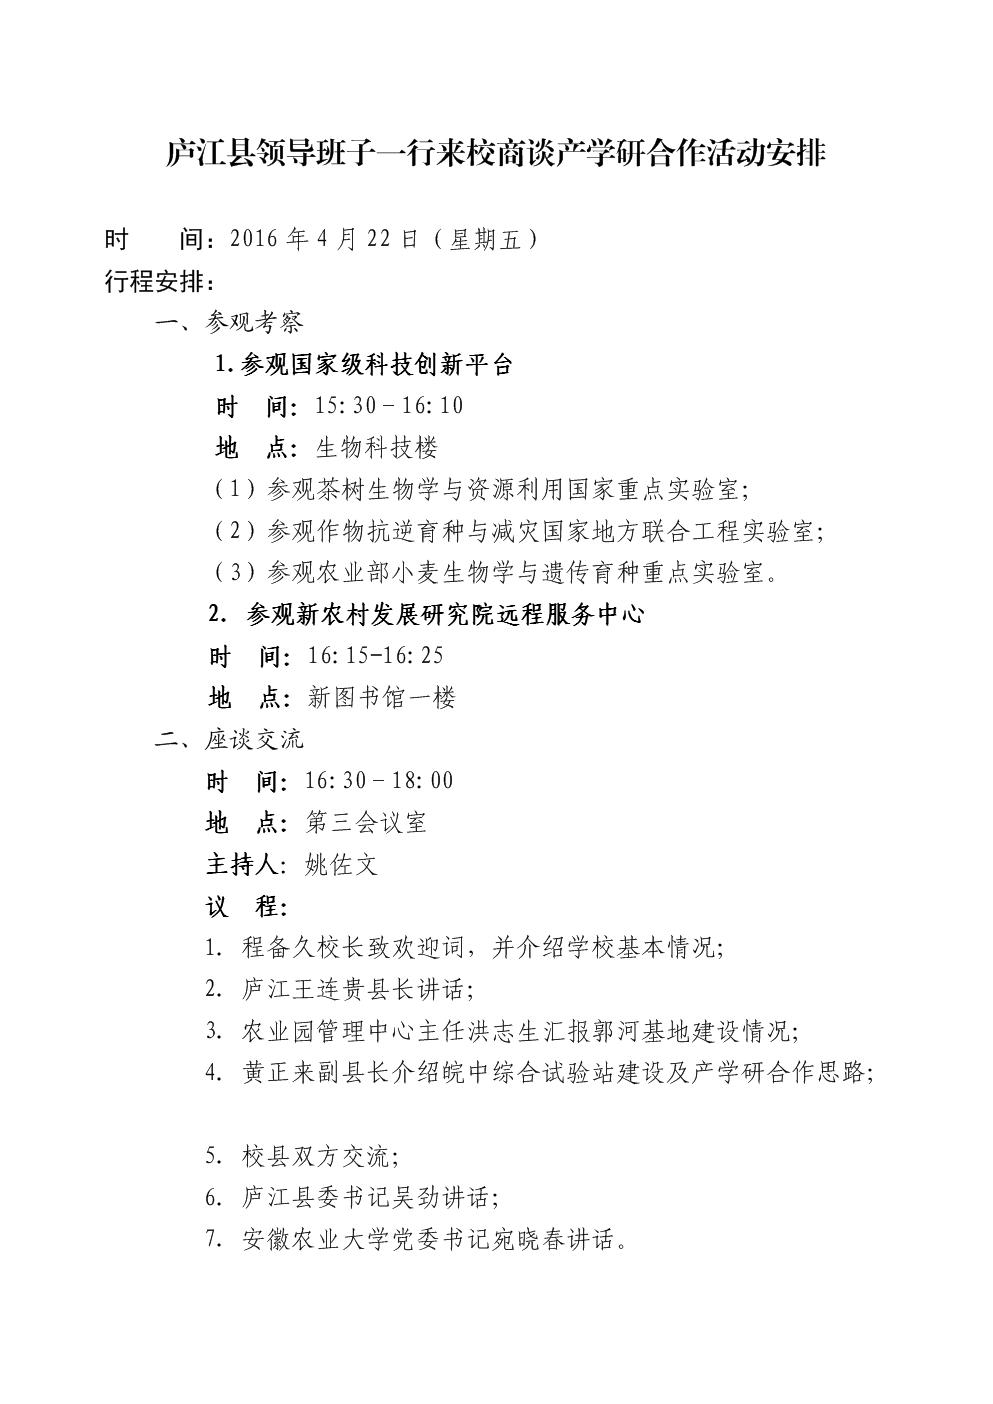 会议议程安排ppt_会议议程安排模板.doc